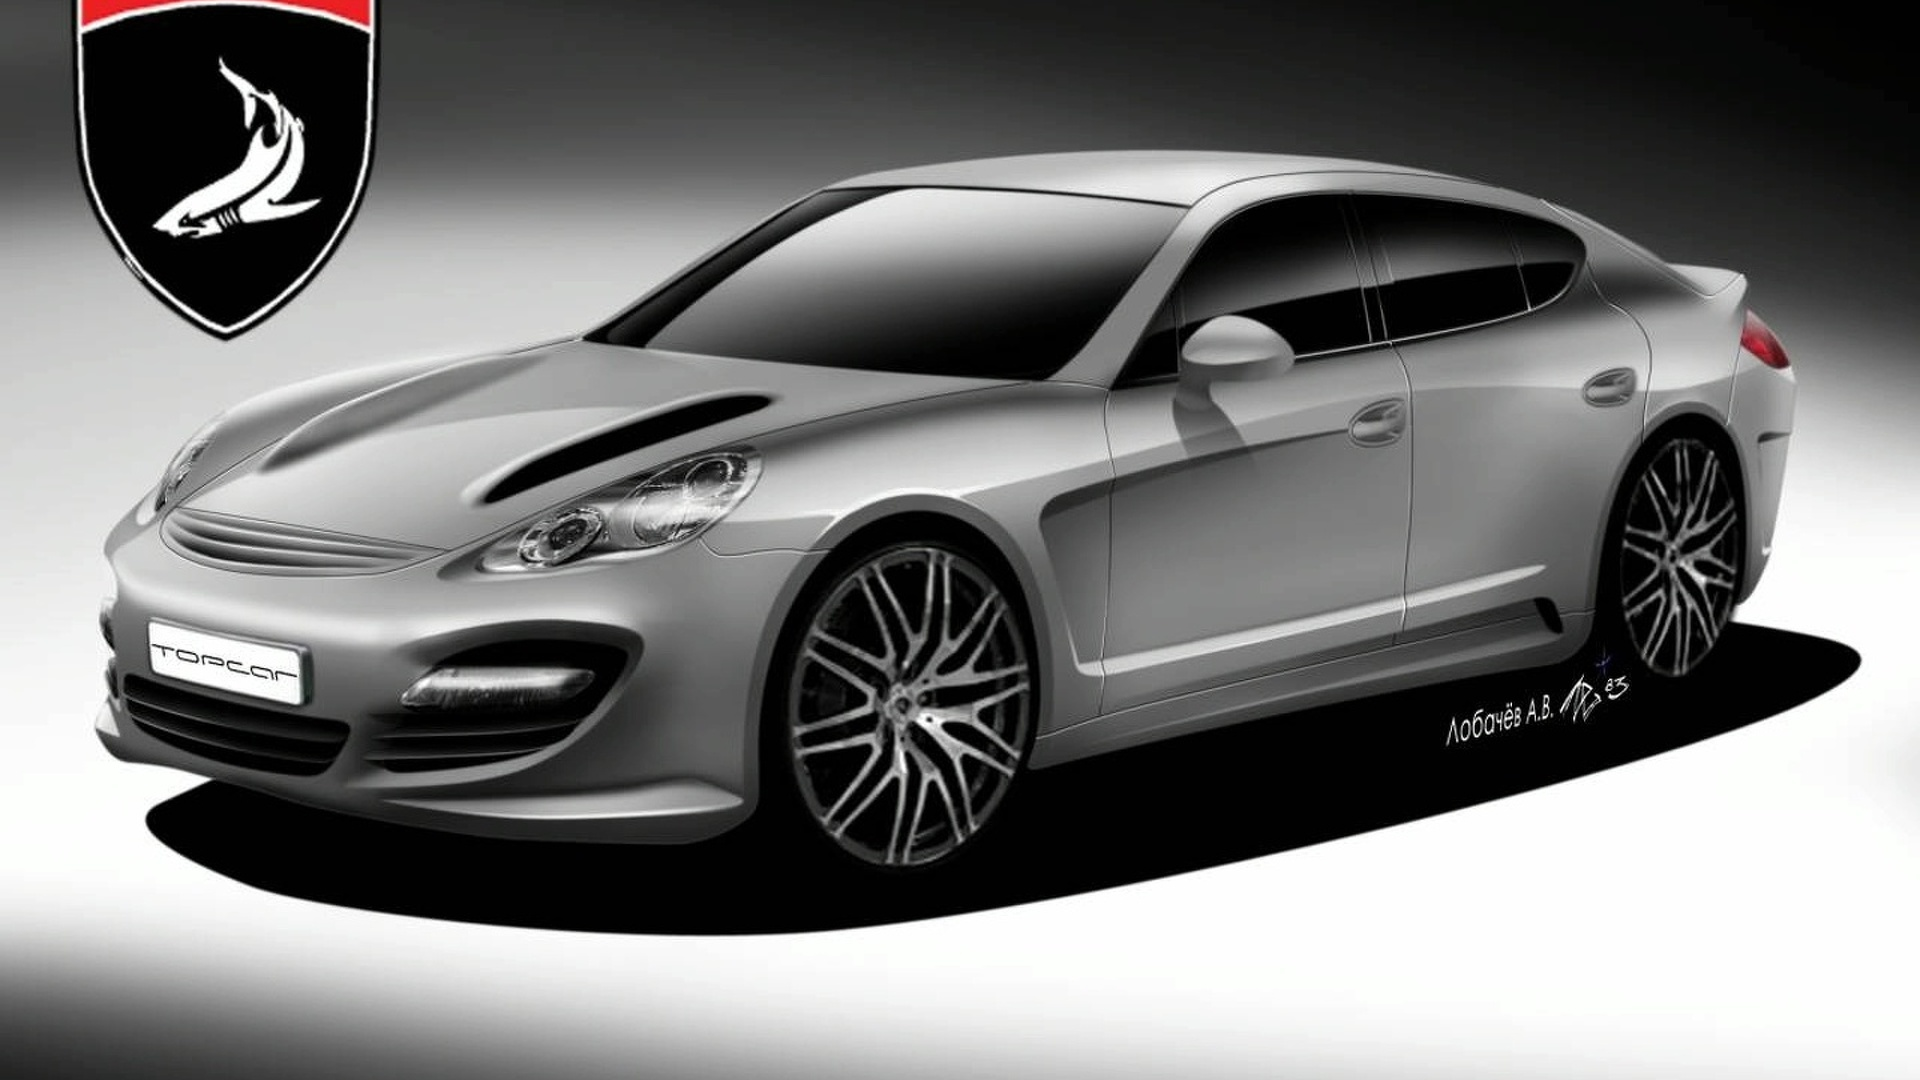 More 9FF Porsche Panamera Sketches Surface